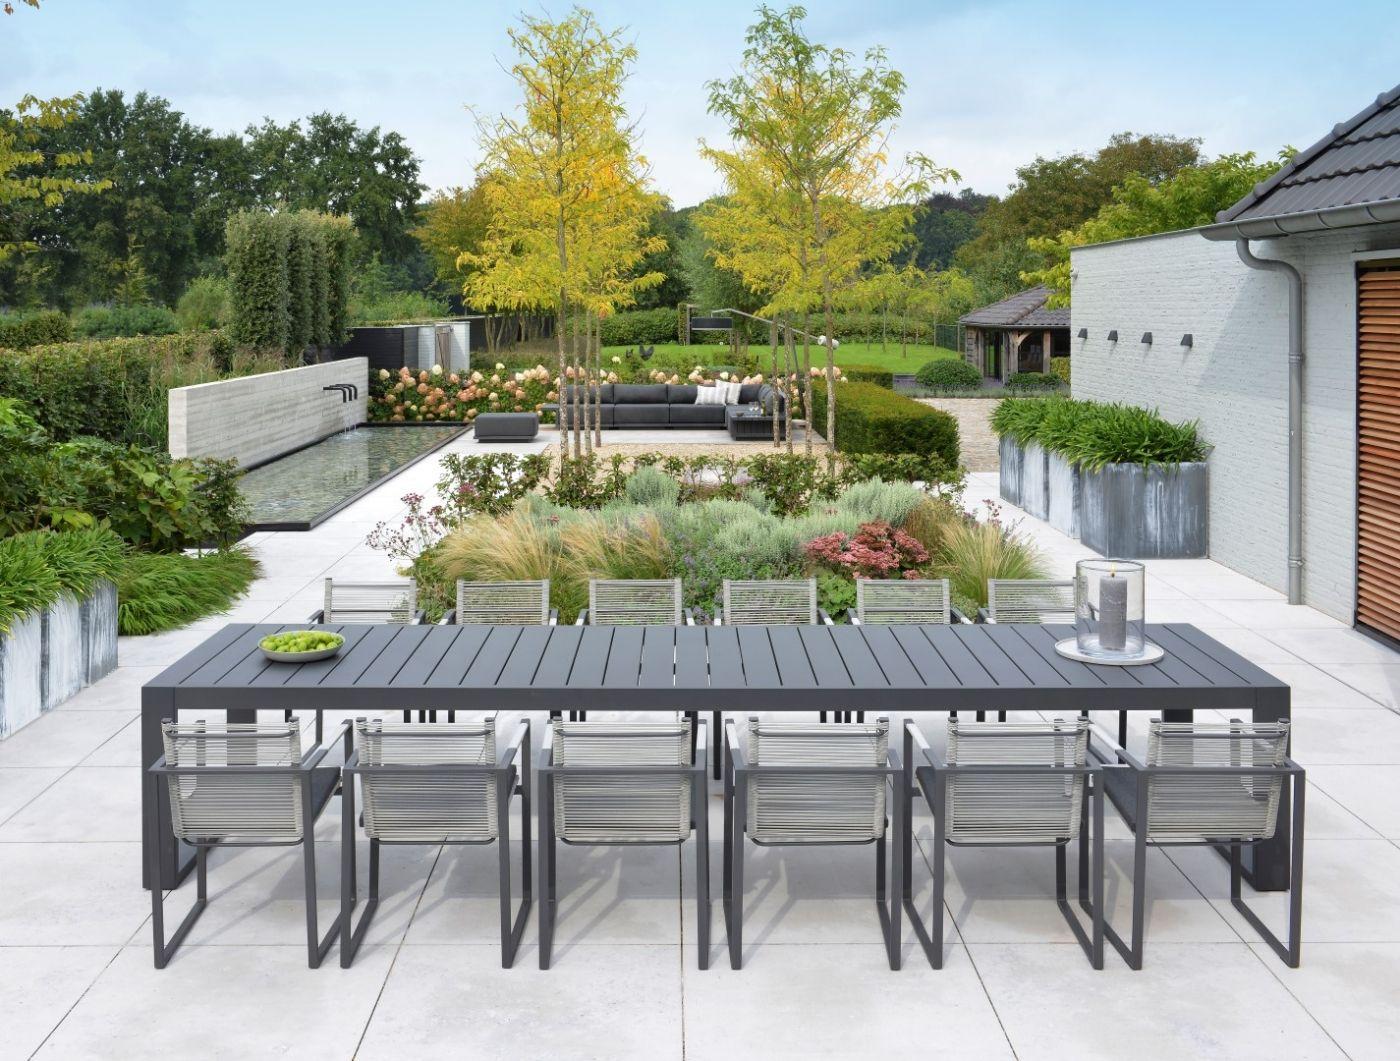 Tuinmeubelen borek » borek tuinmeubelen en parasols bij showroom and